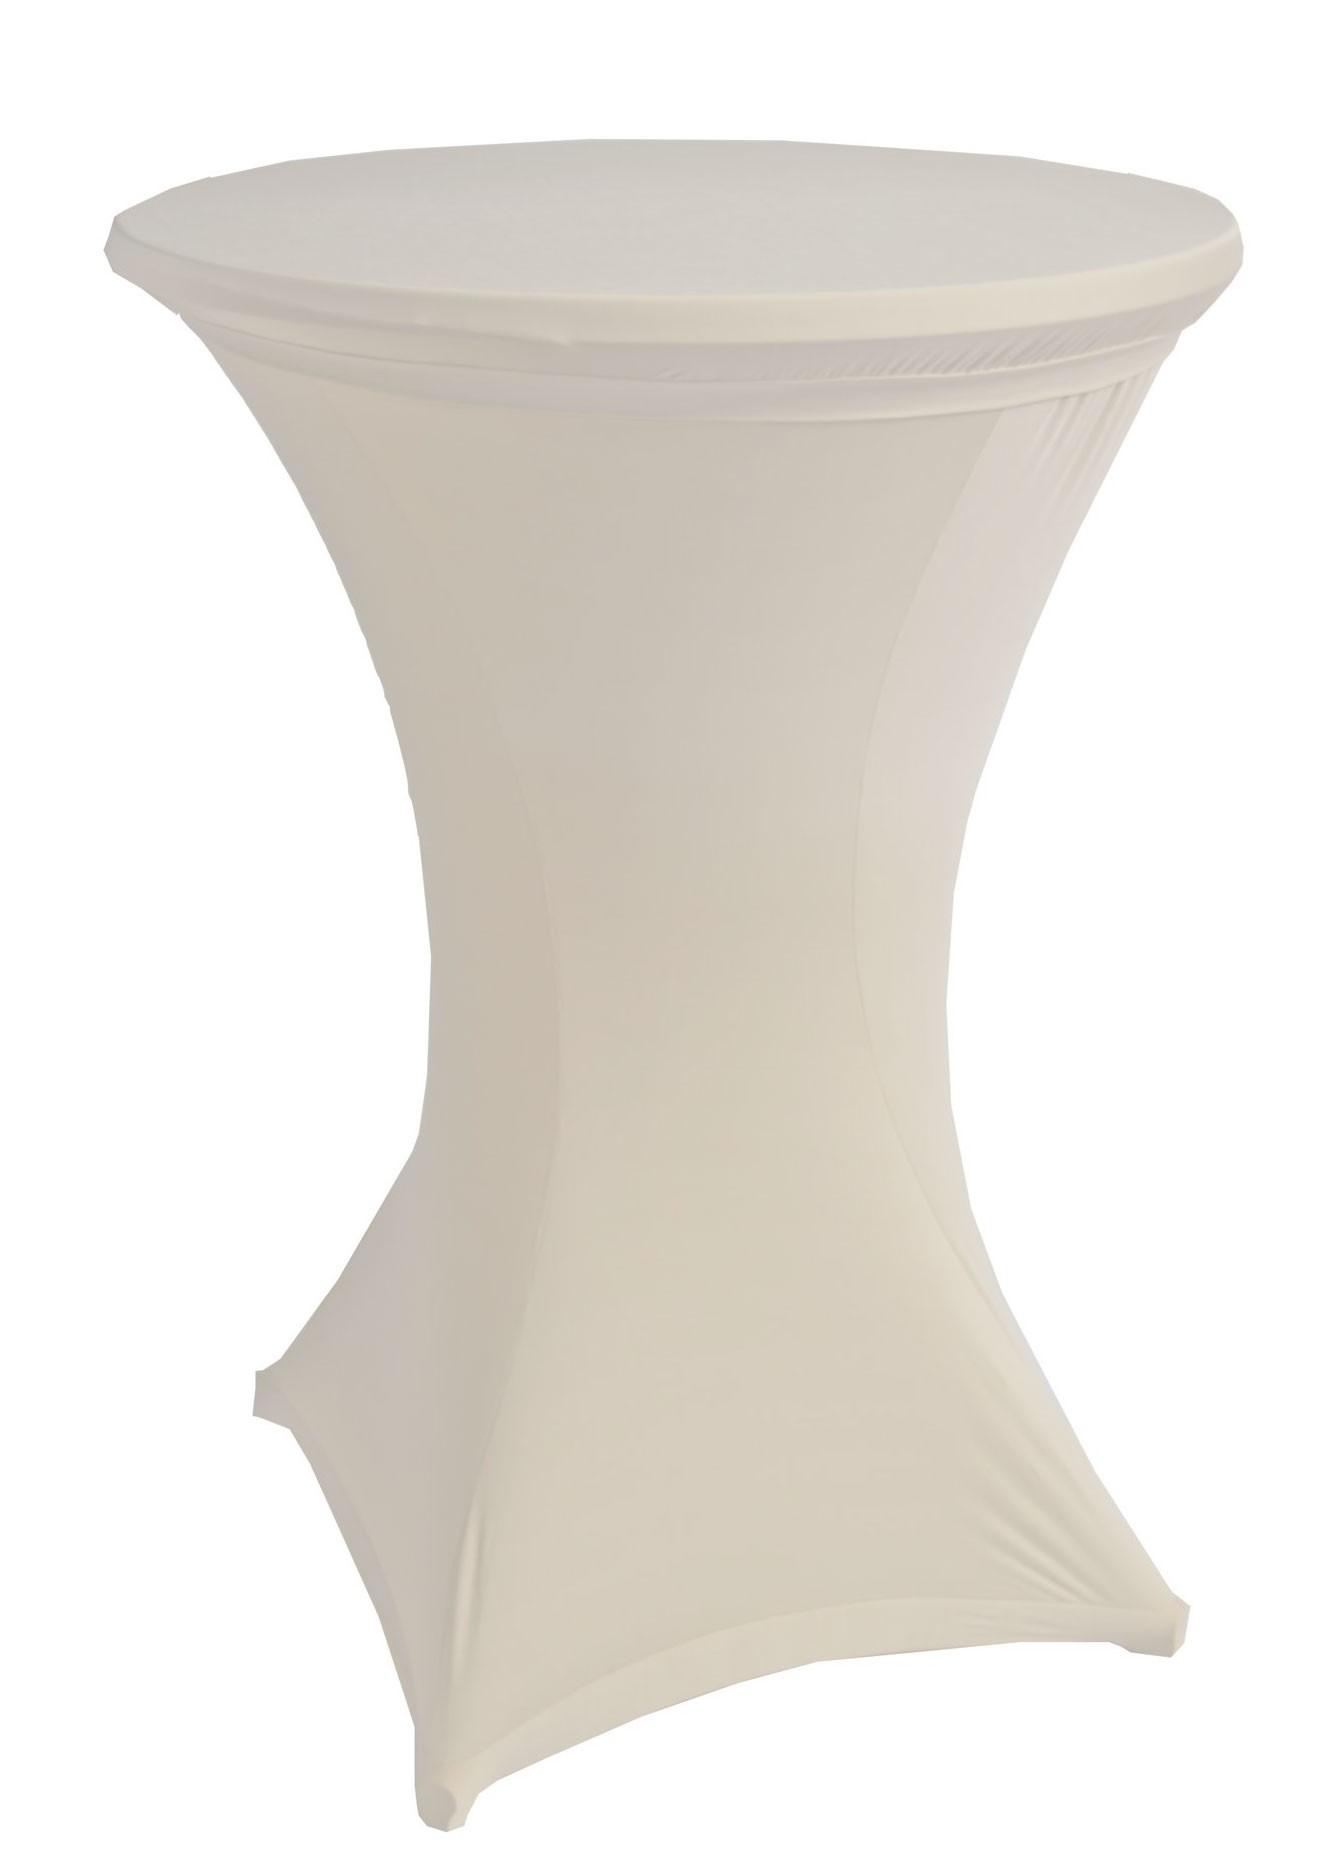 Stehtischhussen beo Ø90cm Stretch weiß PY001 Bild 1